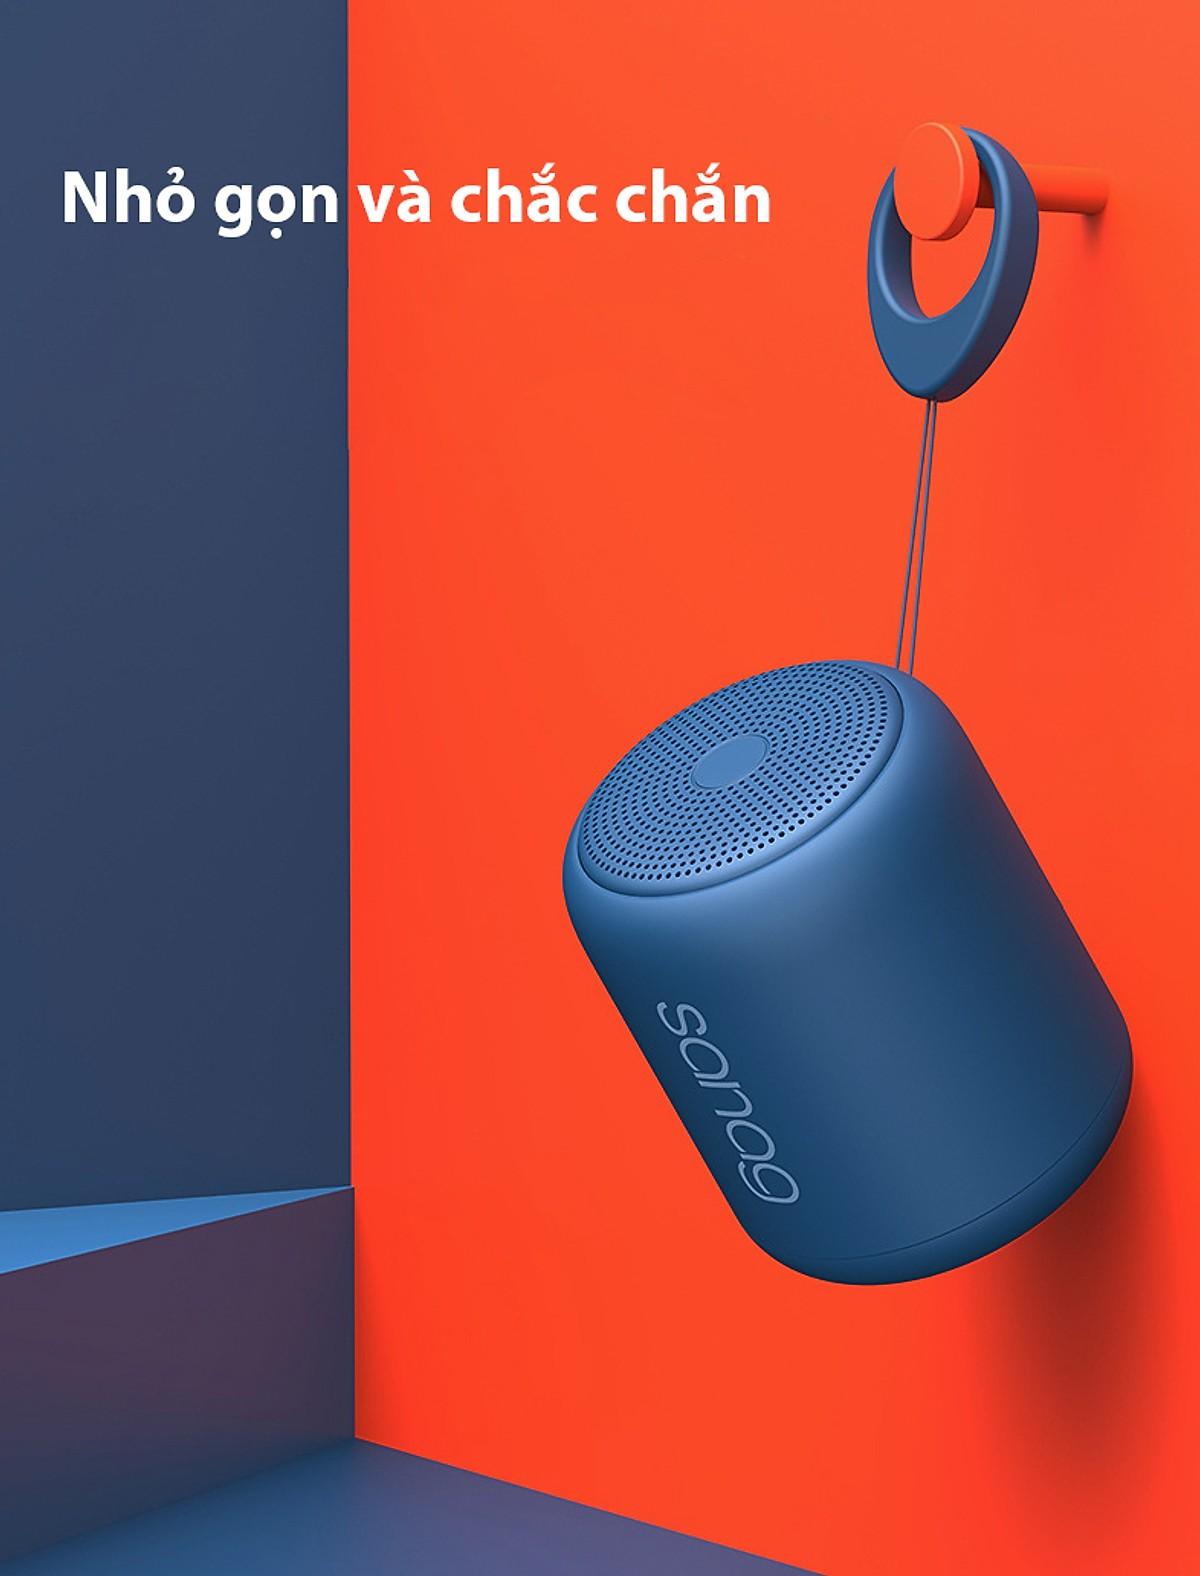 Loa Bluetooth Sanag X6 Plus Bản Mở Rộng, chống nước IPX5. Hỗ Trợ Kết Nối Bluetooth 5.0, Thẻ Nhớ, Nhiều Màu Sắc - Hàng chính hãng